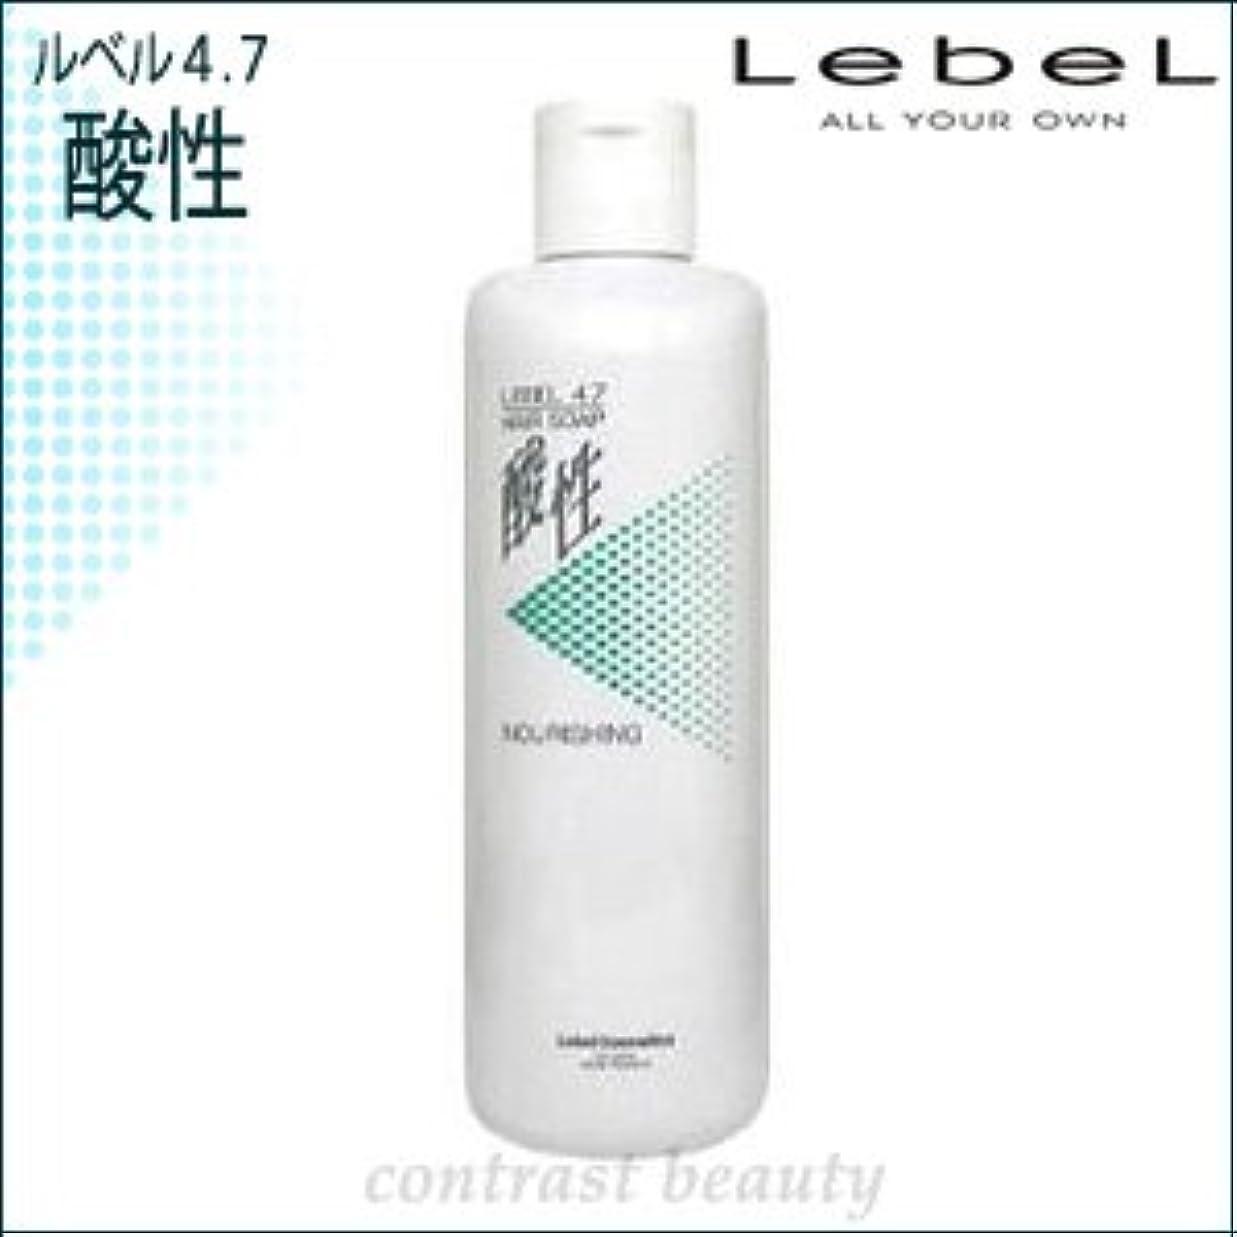 スクランブル哀瞳【X3個セット】 ルベル/LebeL 4.7酸性 ヘアソープ ナリシング 400ml